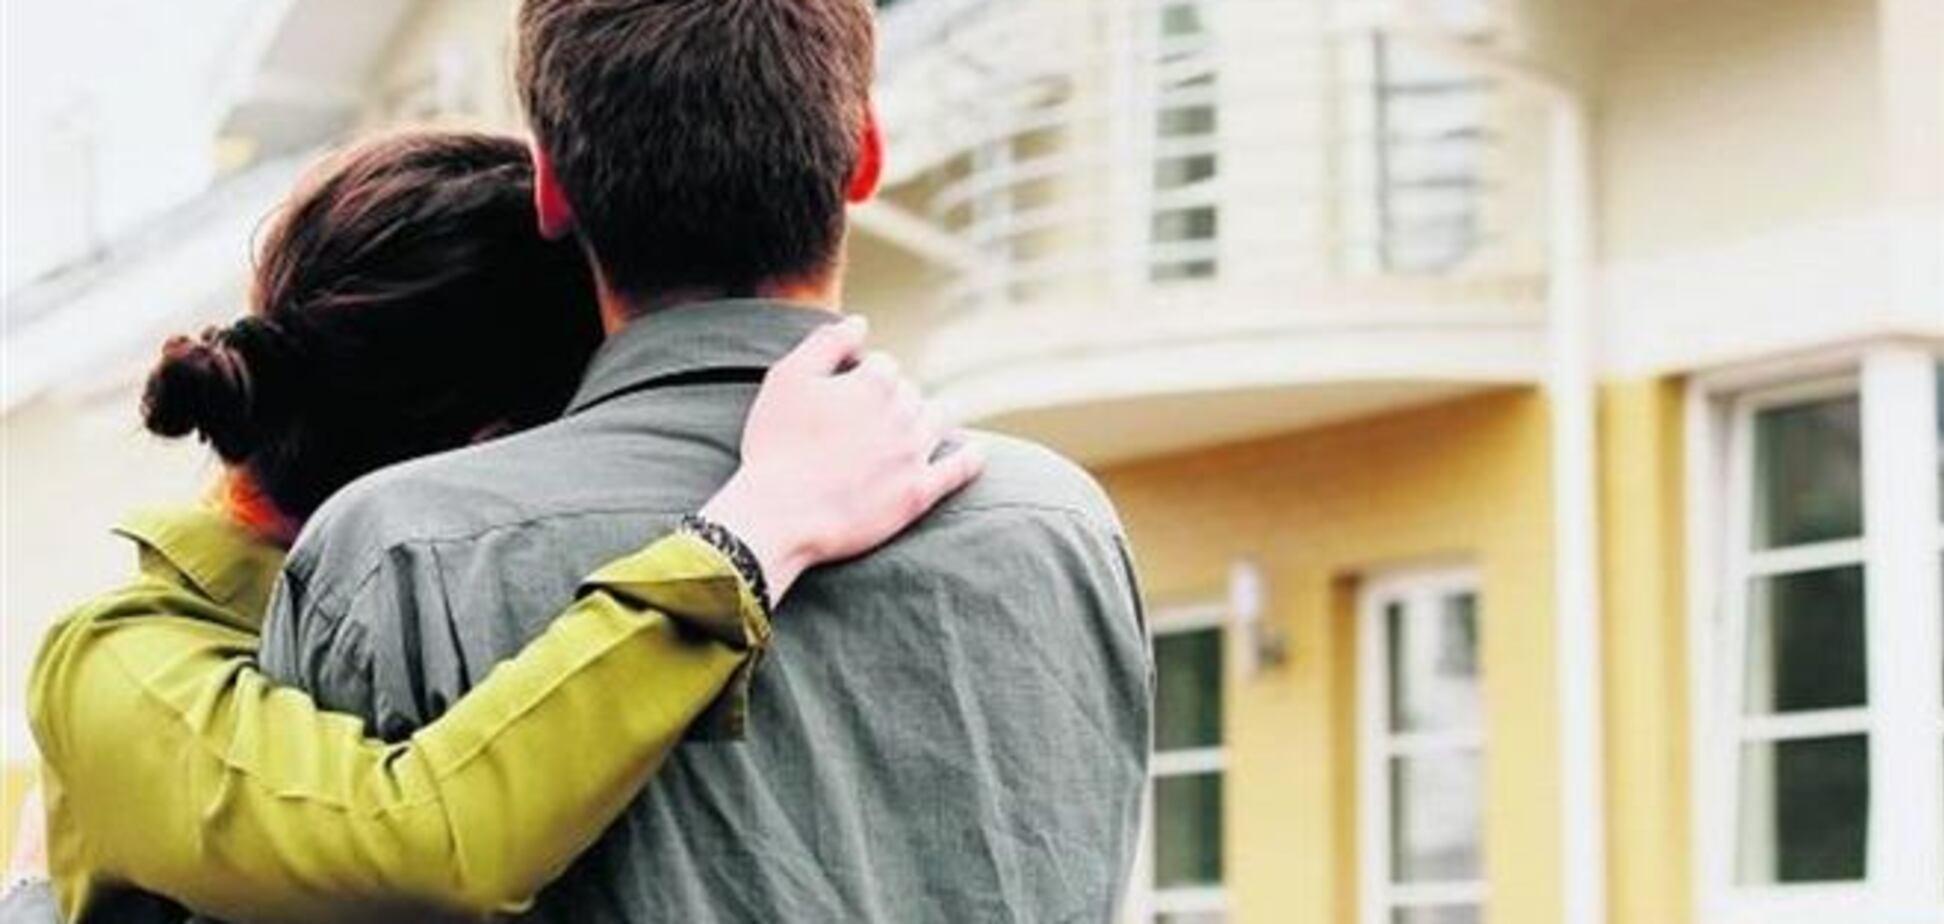 Стоимость квартиры доступного жилья до 30% ниже рыночной